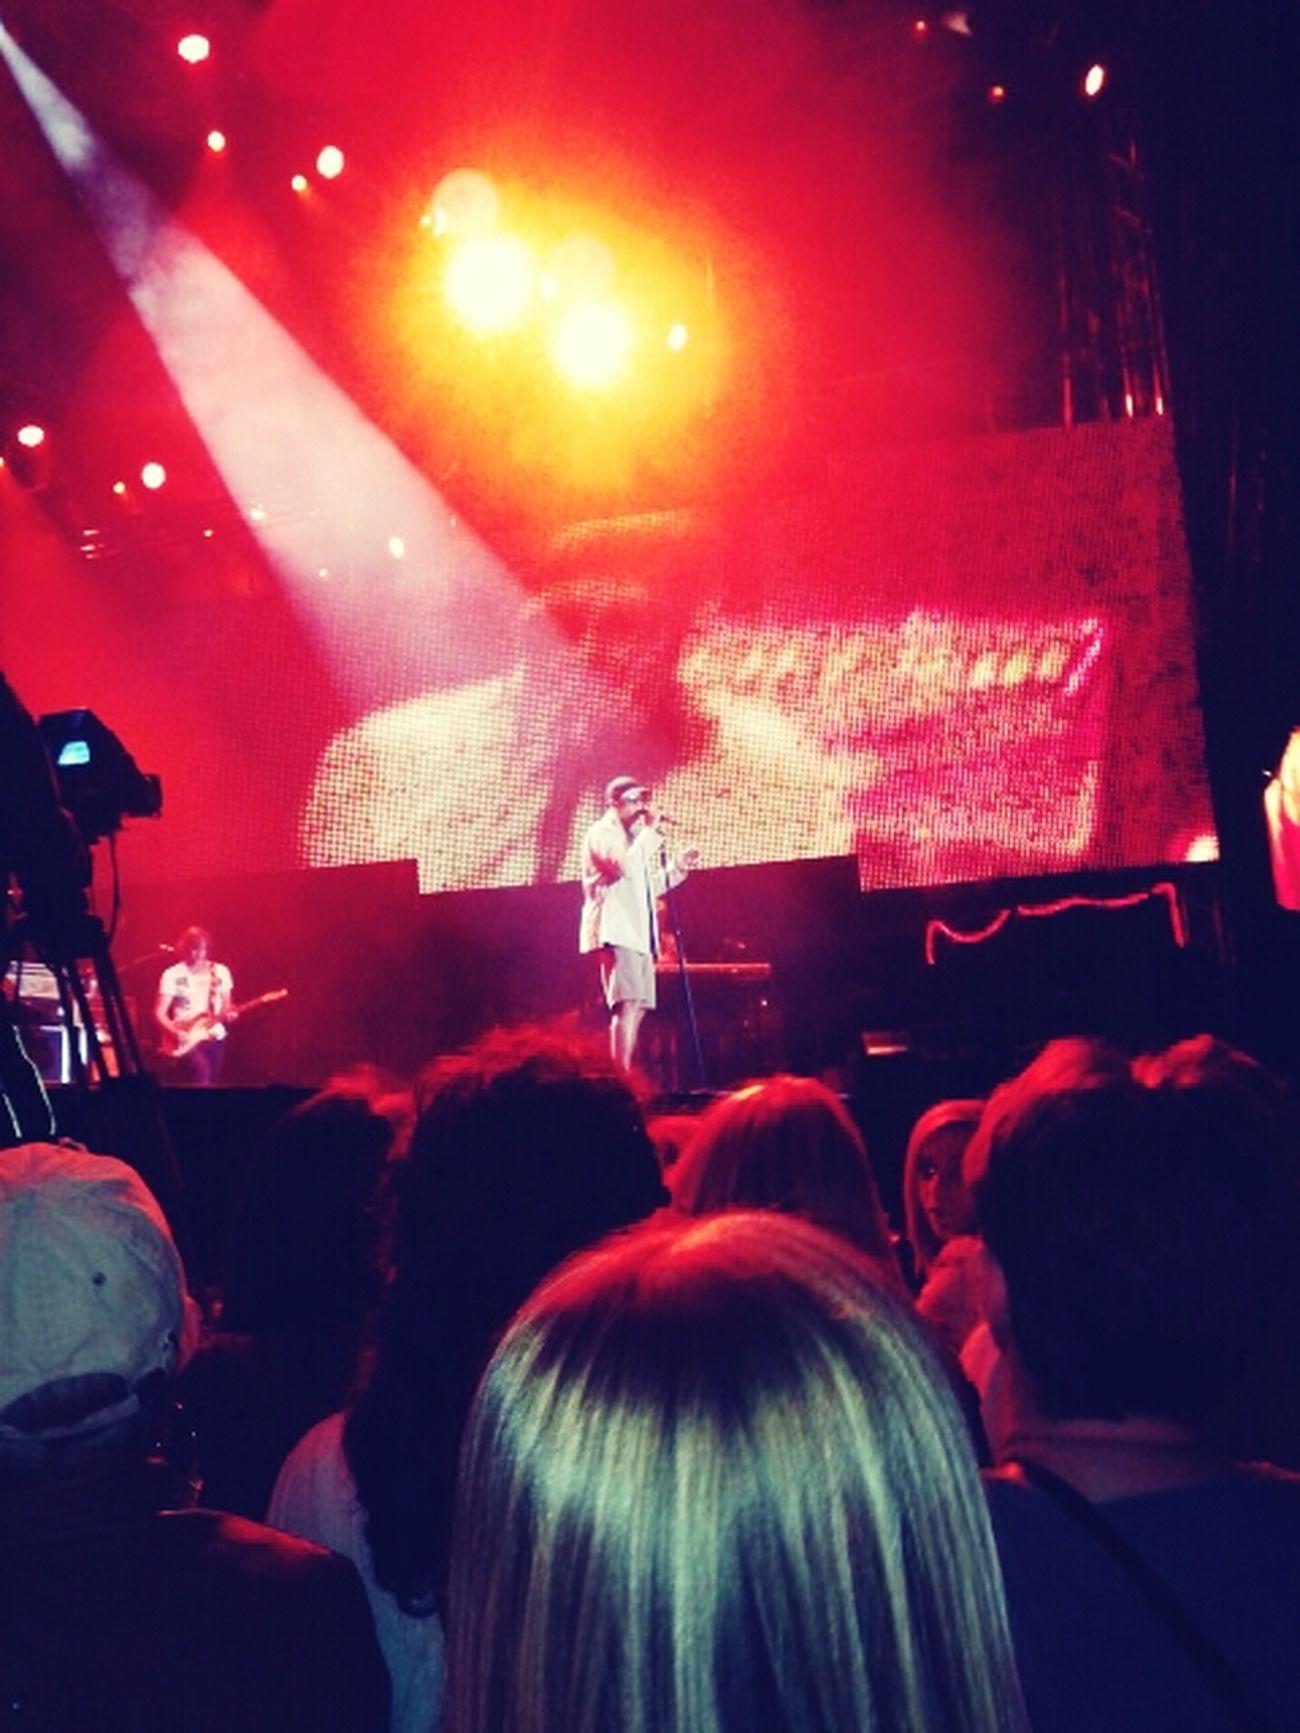 Das war am Samstag den 24 . August. Xavier Naidoo Konzert in HH Wilhelmsburg. Und es war so genial :)